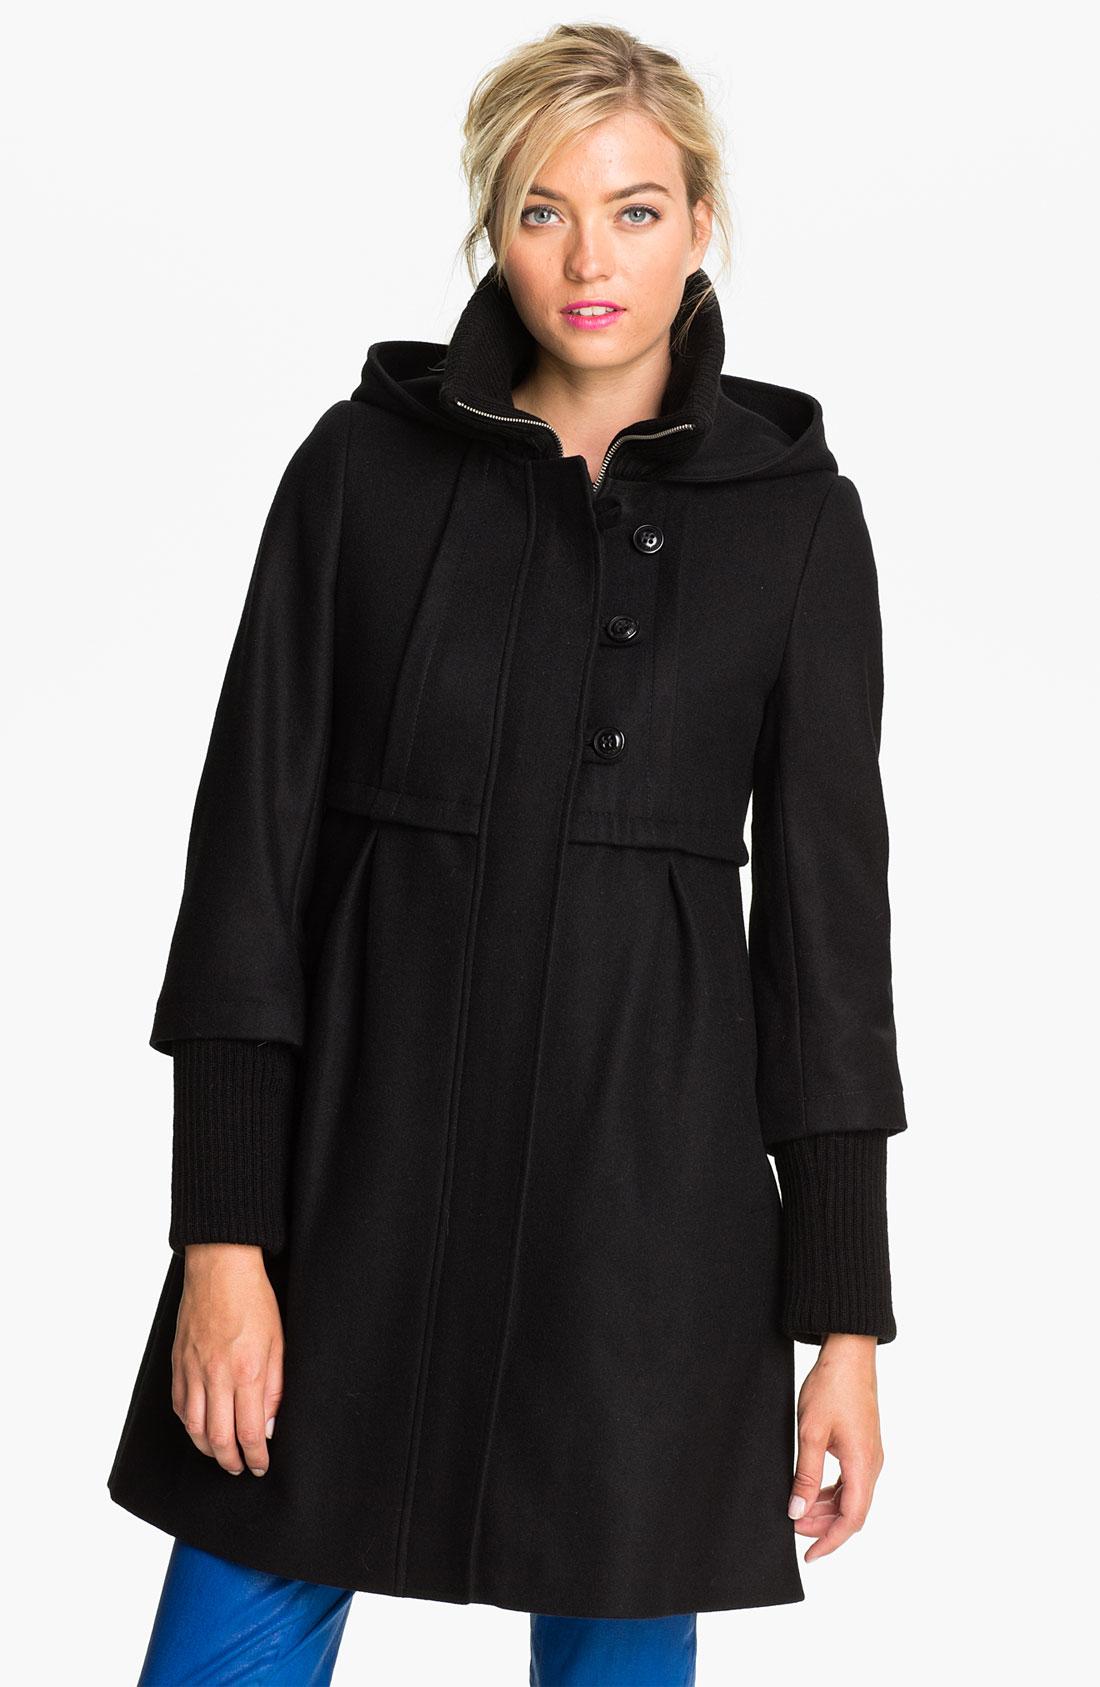 Dkny Black Wool Blend Bethany Rib Collar Babydoll Coat in Black | Lyst